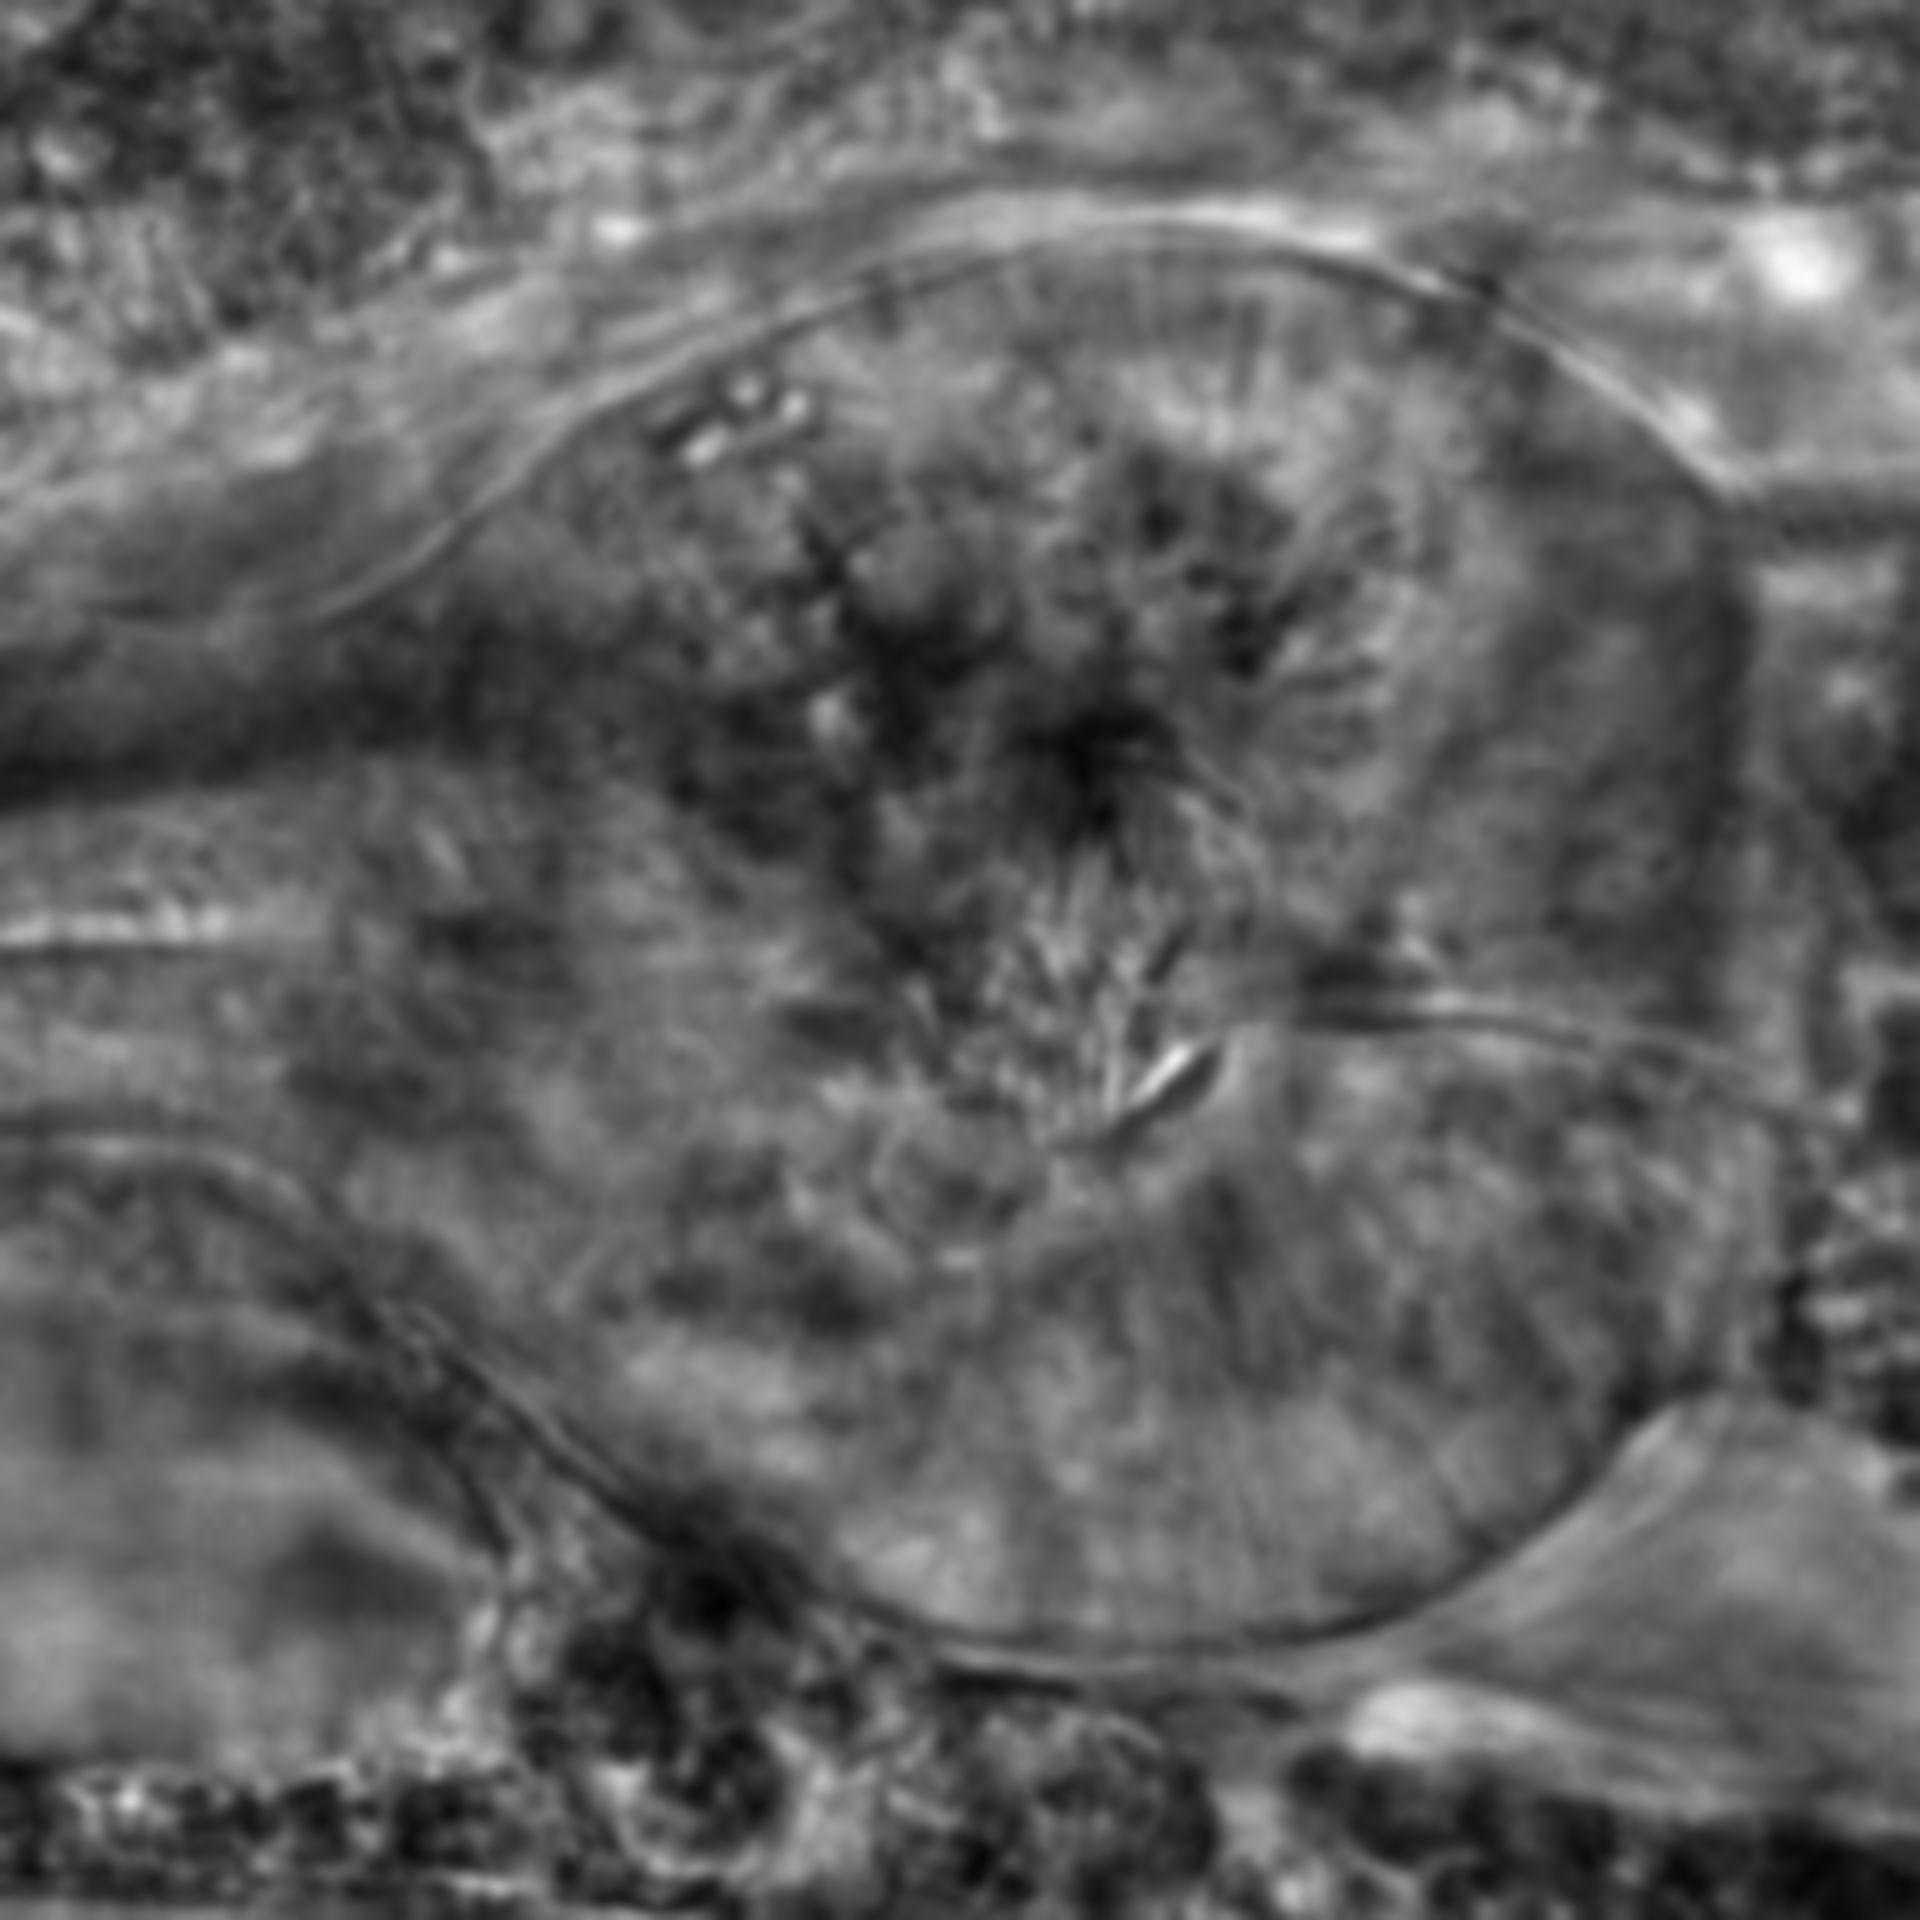 Caenorhabditis elegans - CIL:2310